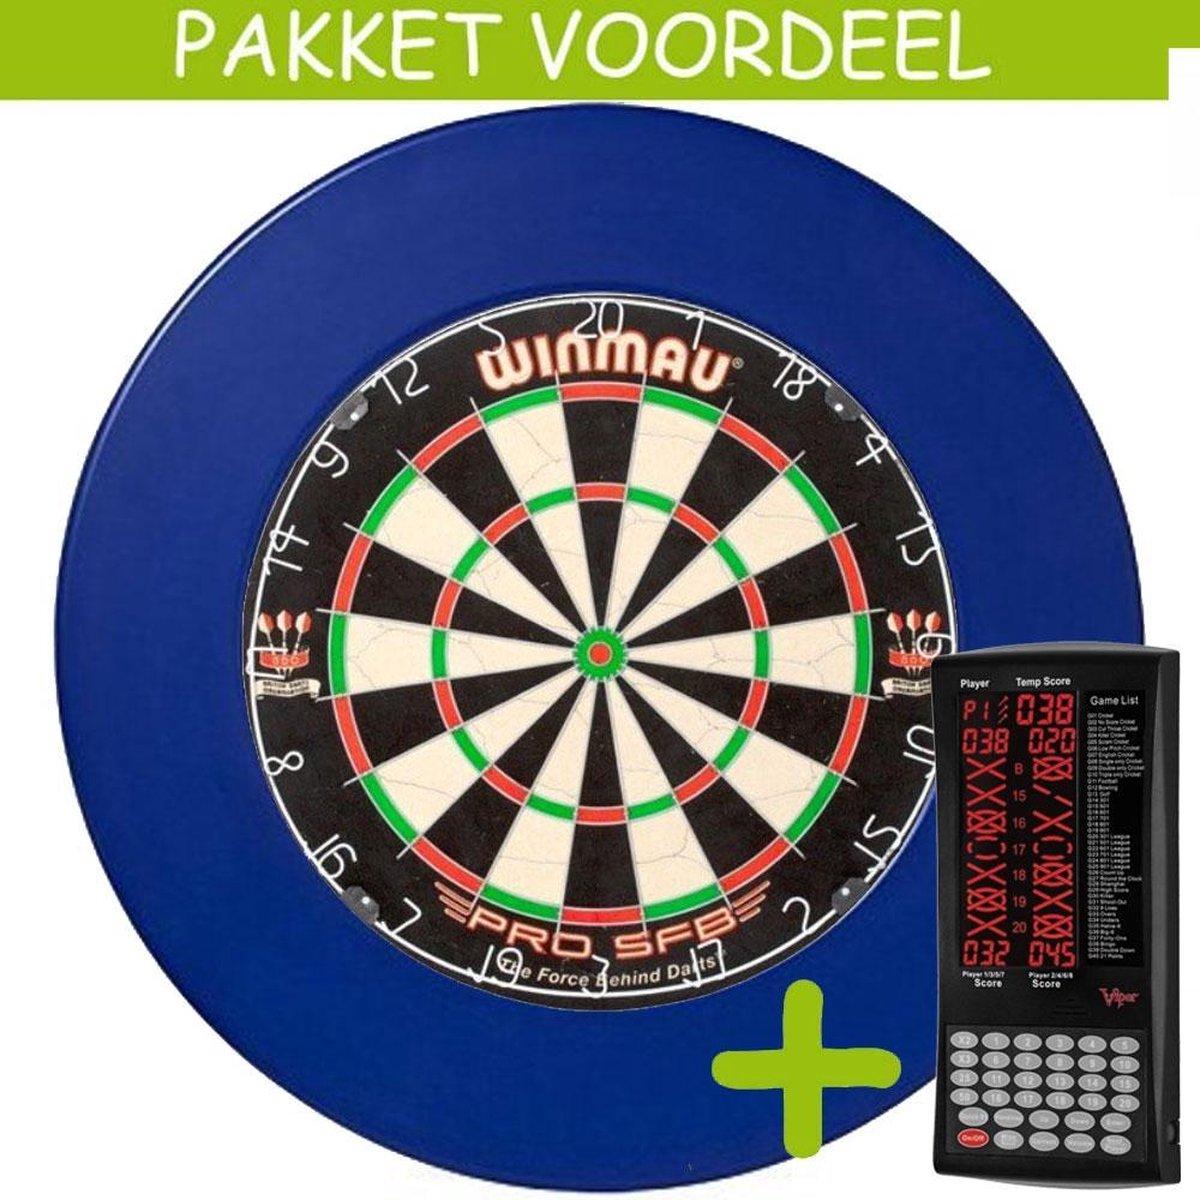 Elektronisch Dart Scorebord VoordeelPakket (Viper ) - Blade 5 - Rubberen Surround (Blauw)